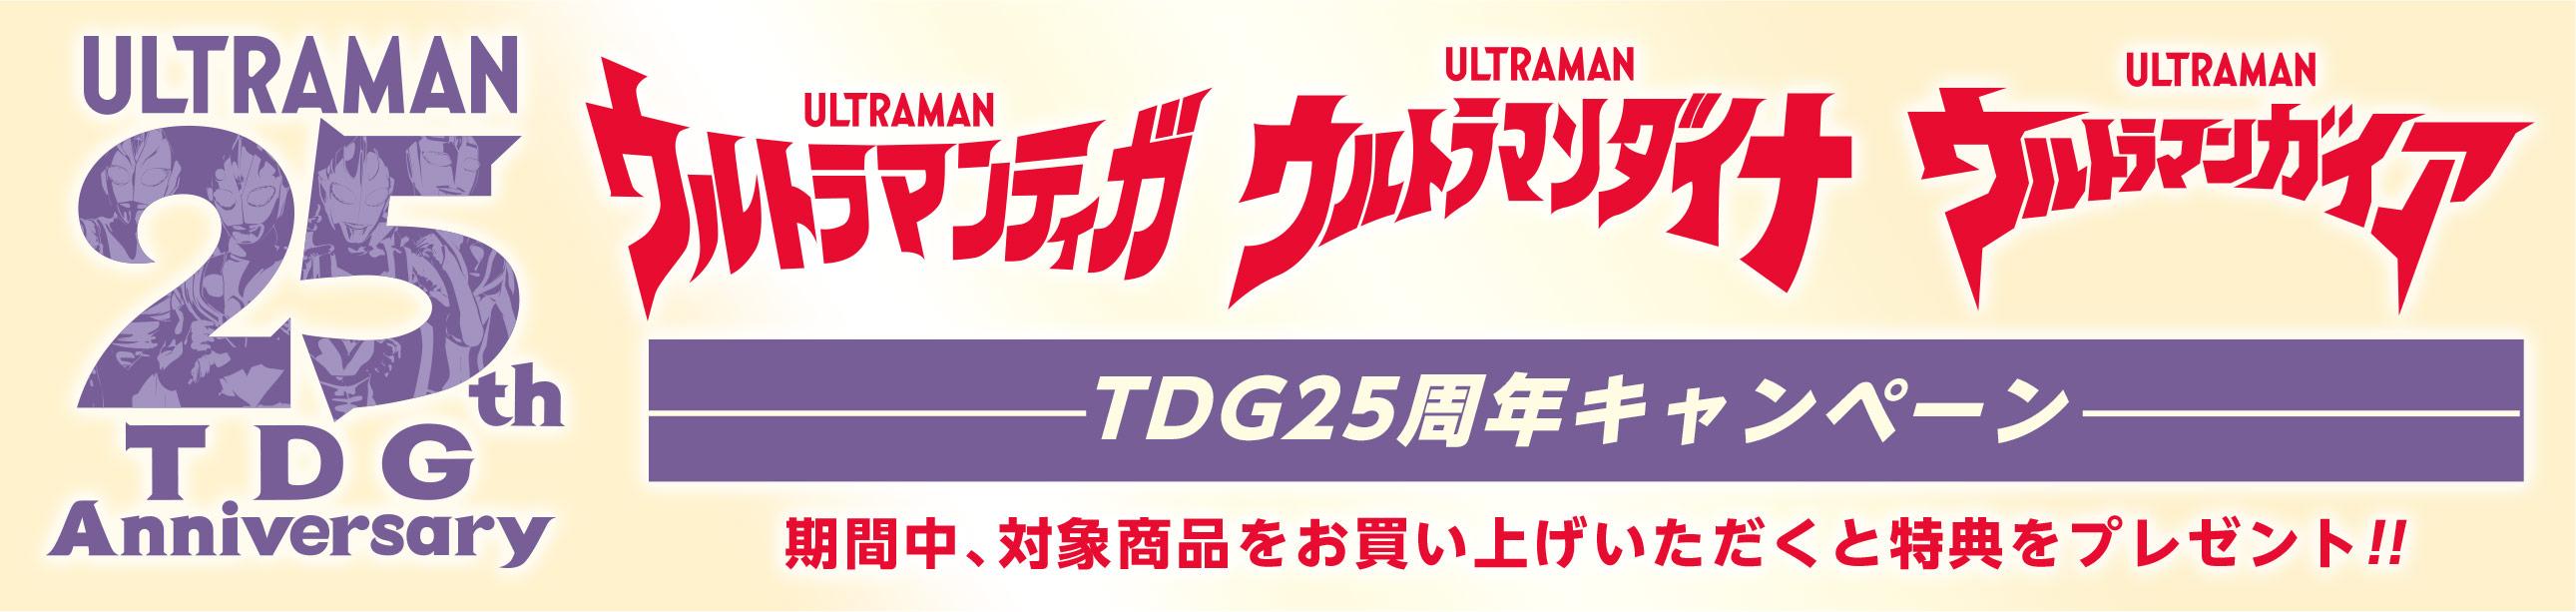 ウルトラマン(ティガ・ダイナ・ガイア)TDG25周年キャンペーン             期間中、対象商品をお買い上げいただくと特典をプレゼント!!